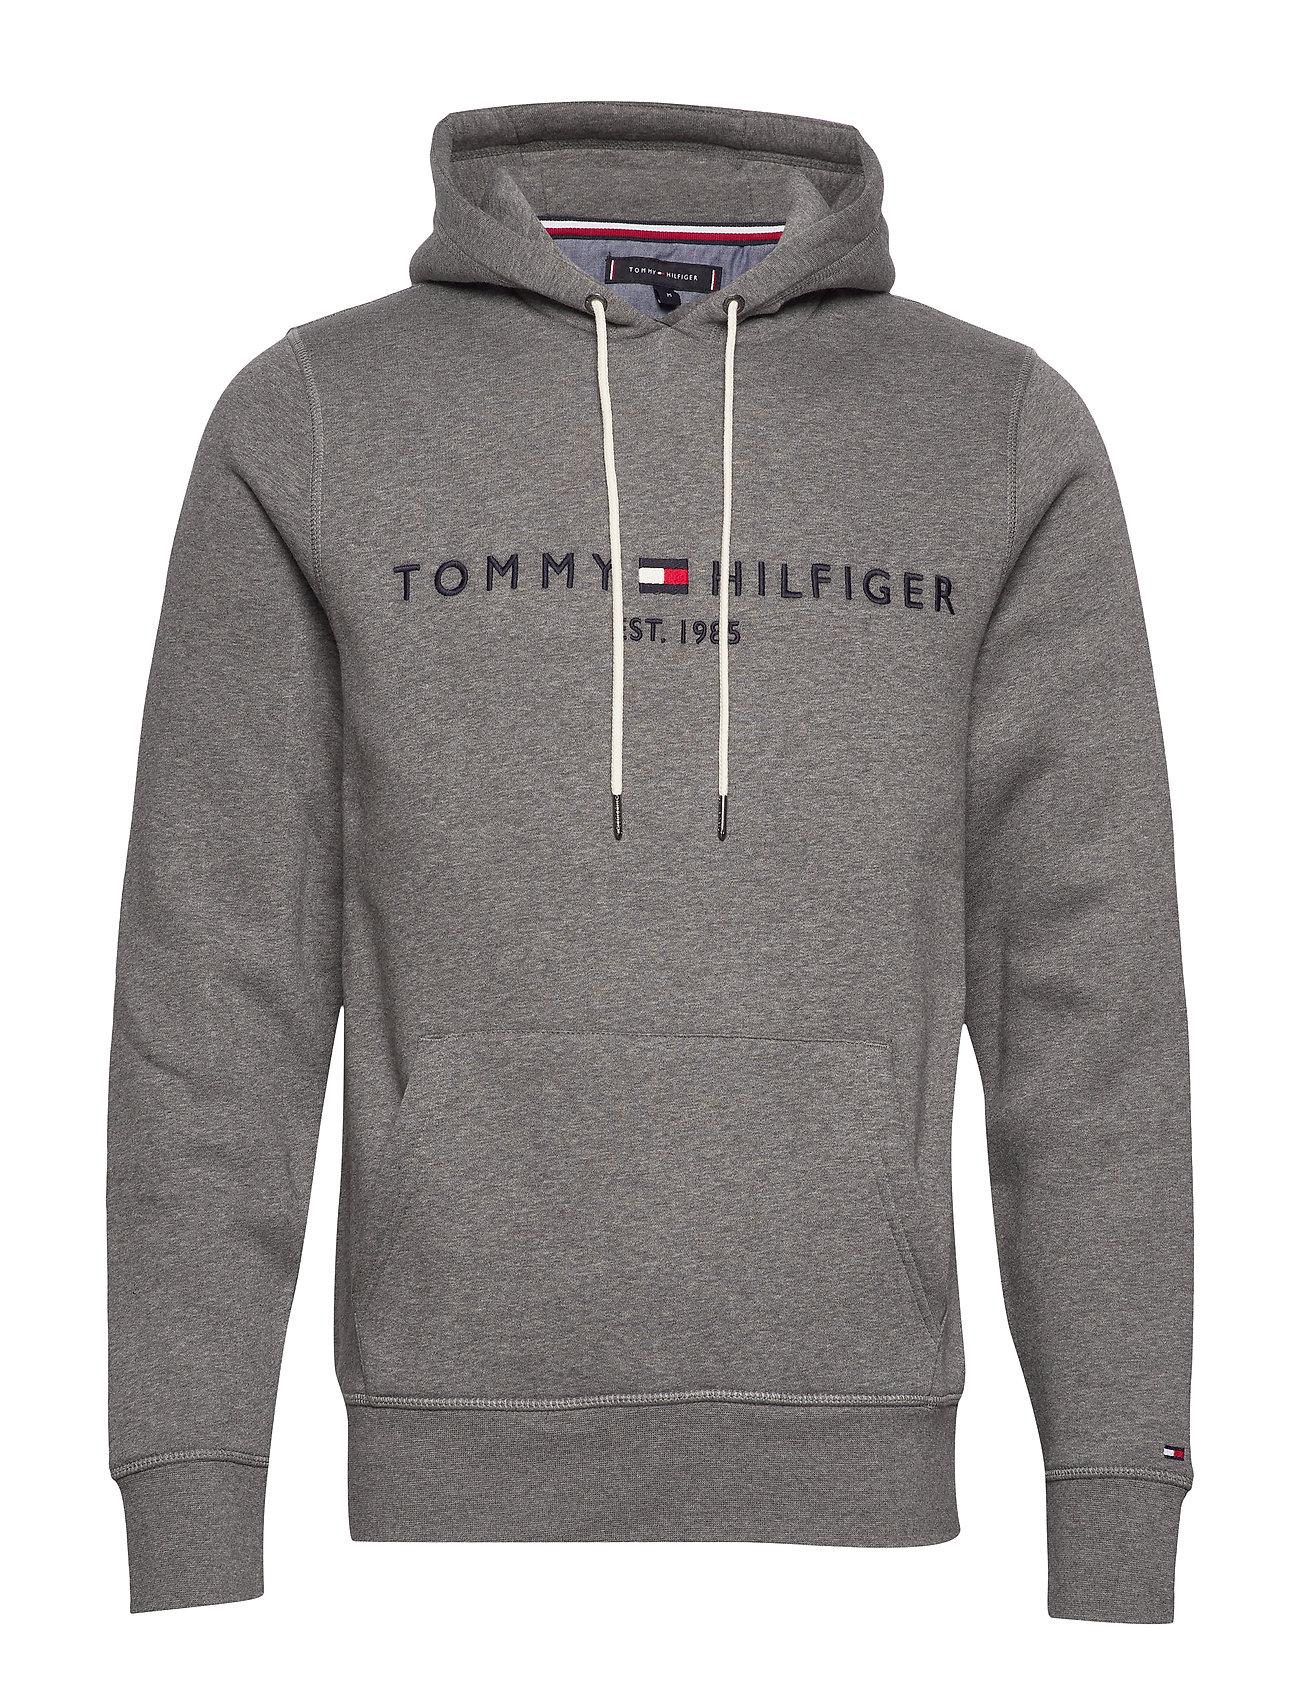 Tommy Hilfiger TOMMY LOGO HOODY - SILVER FOG HEATHER